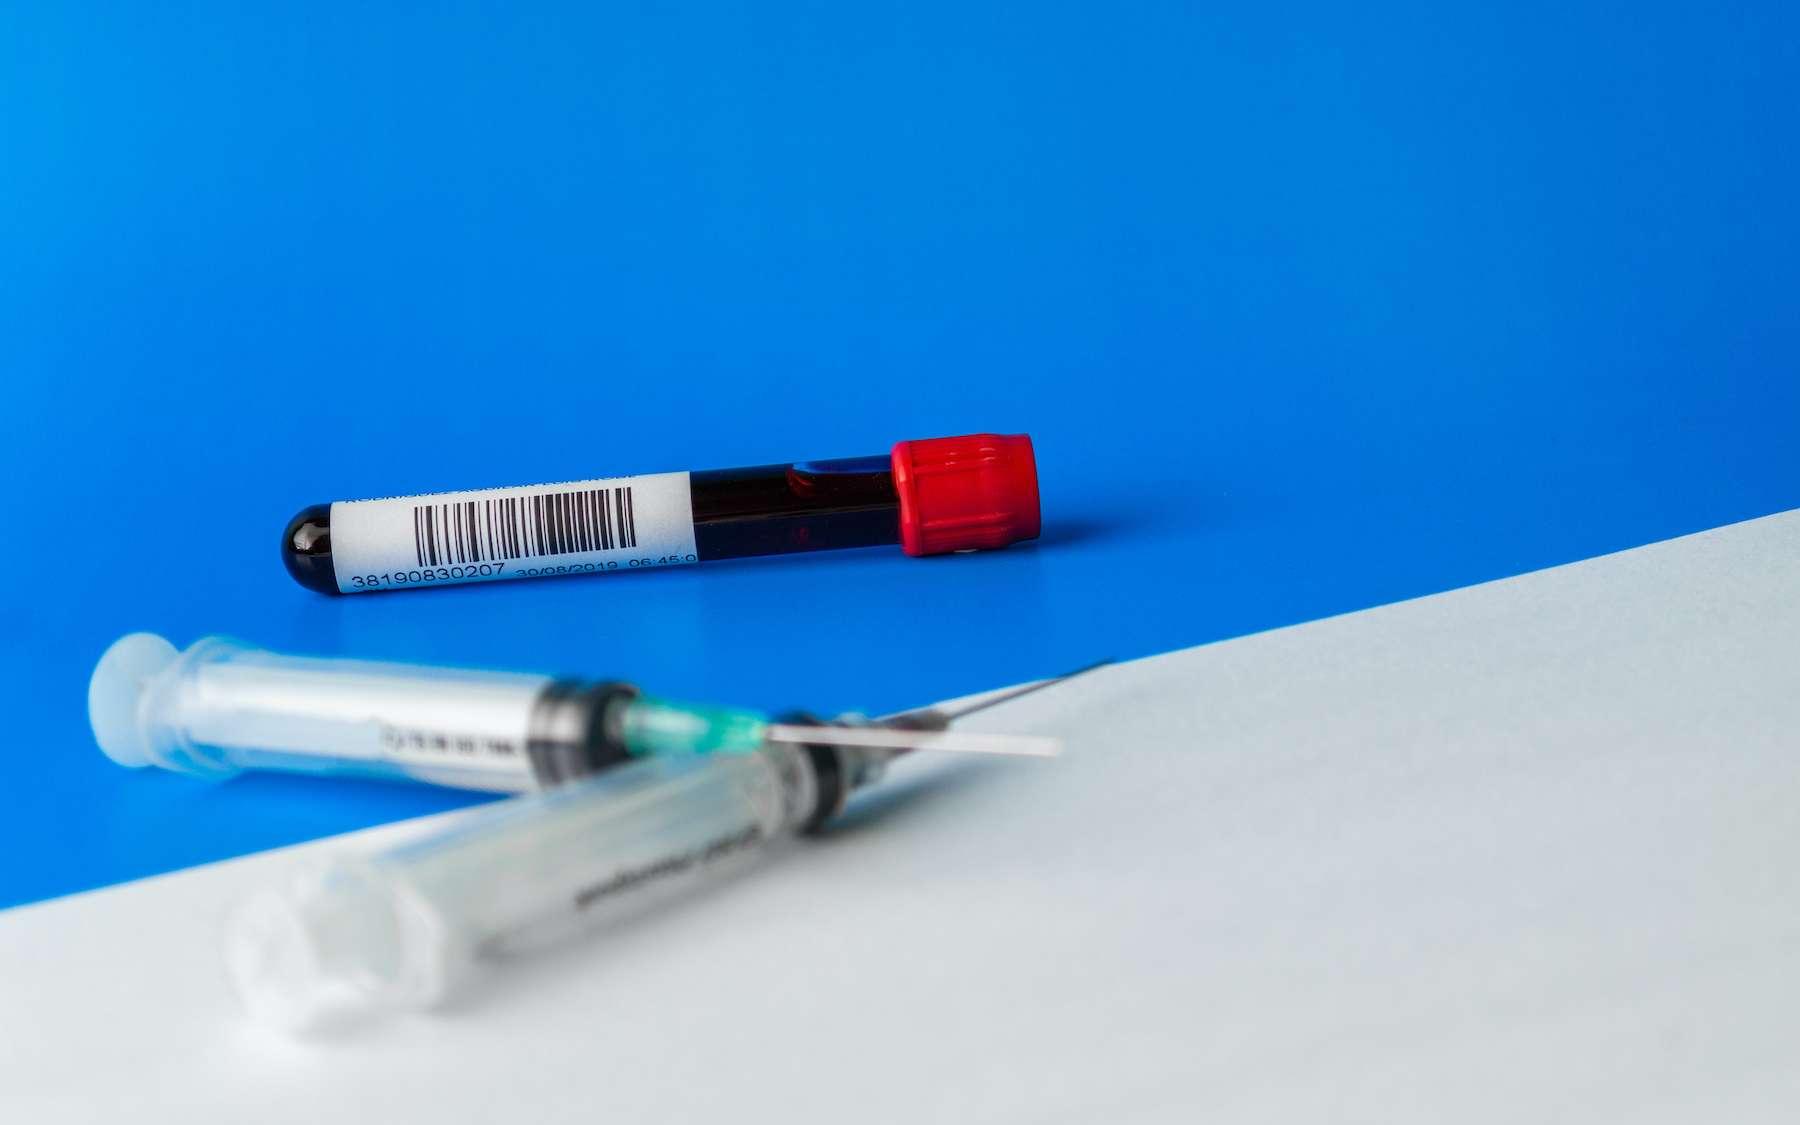 De nouveaux tests sérologiques permettent d'évaluer la quantité d'anticorps induite par les vaccins. © LuisRoberto, Adobe Stock